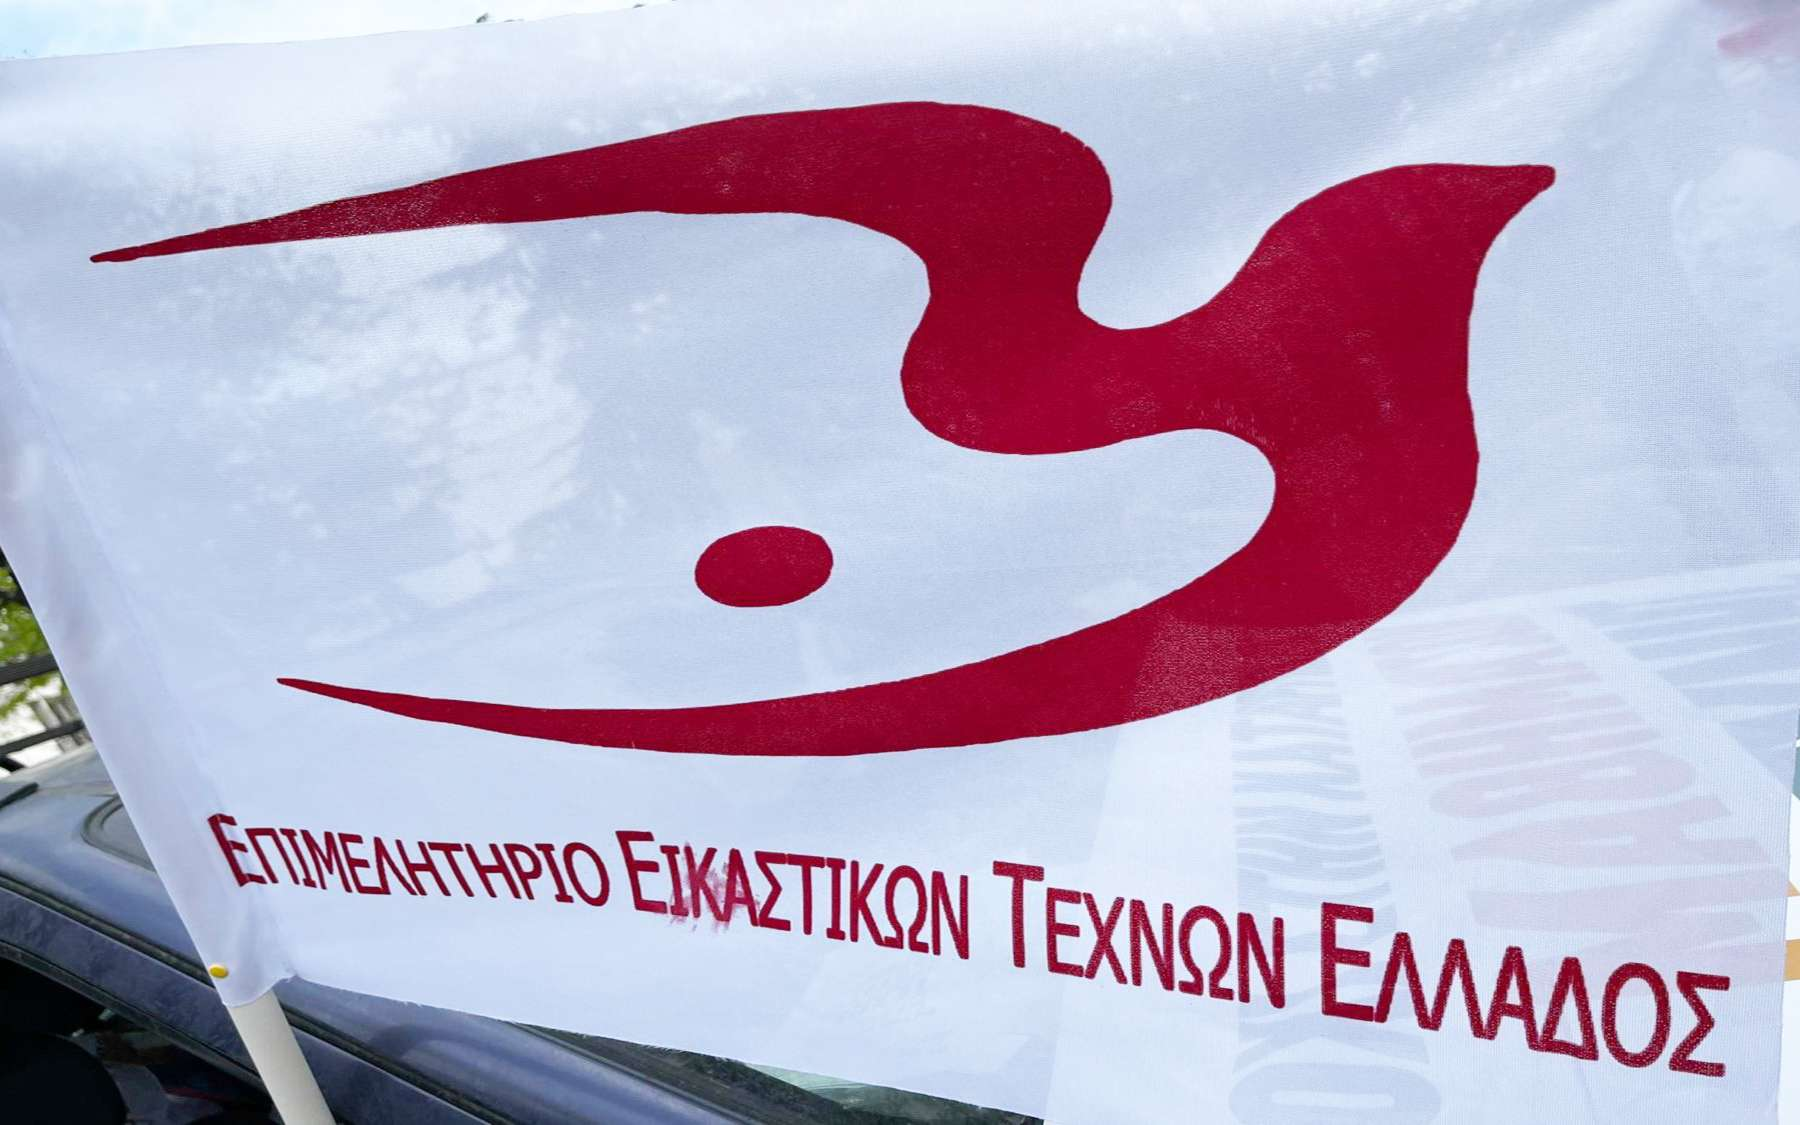 Επιμελητήριο Εικαστικών Ελλάδας Σημαία